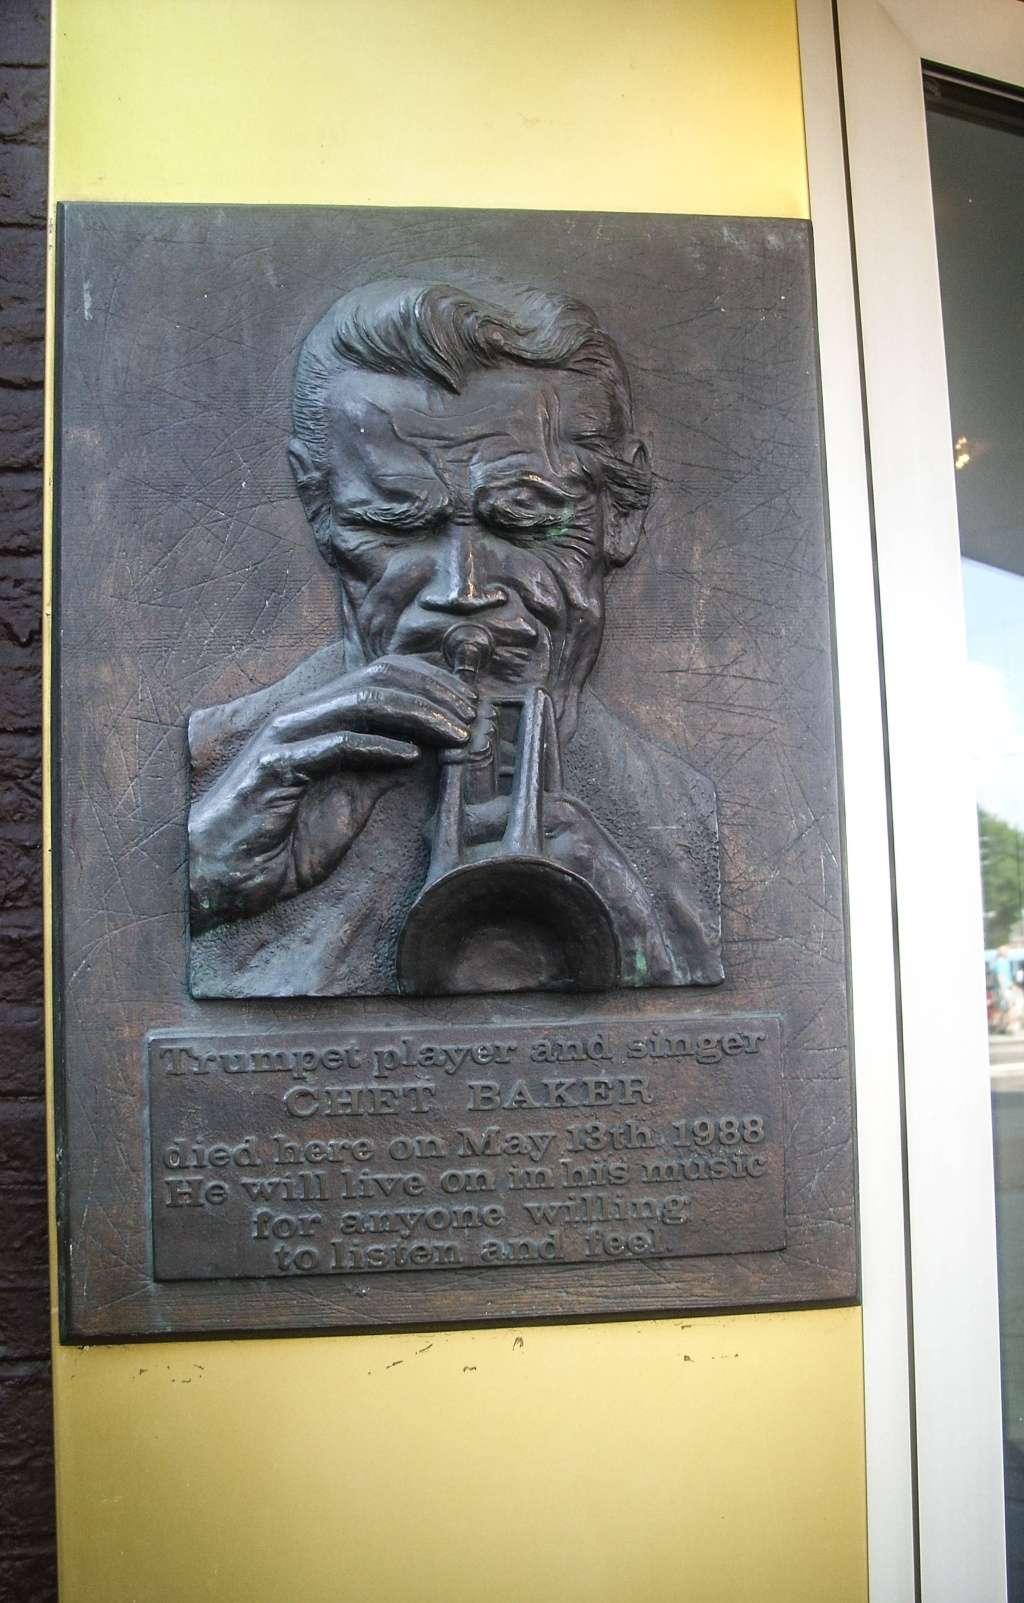 Plaque commémorative de Chet Baker à l'hôtel Prinz Handrik, Amsterdam - Pays-Bas Ss850910